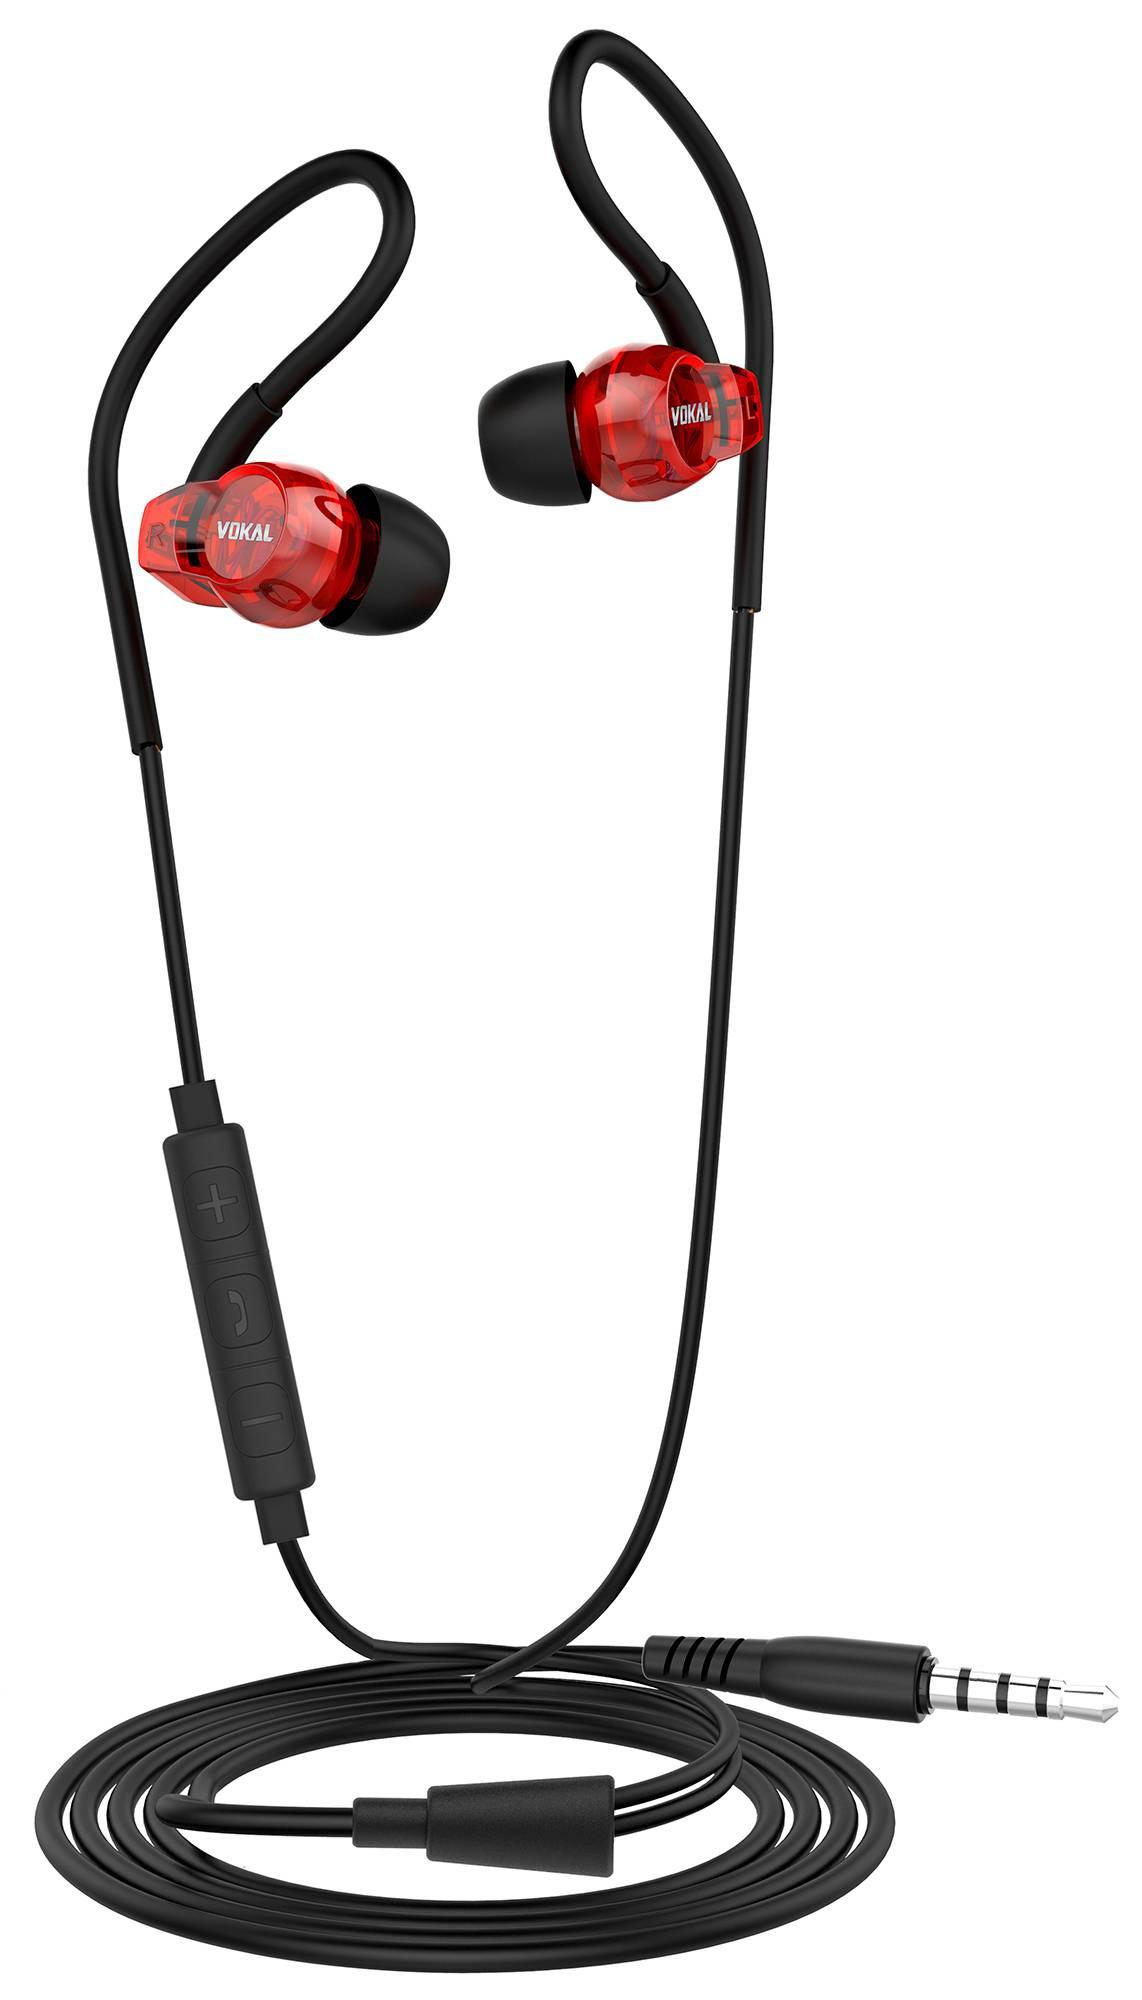 FONE OUVIDO VOKAL E20 IN EAR